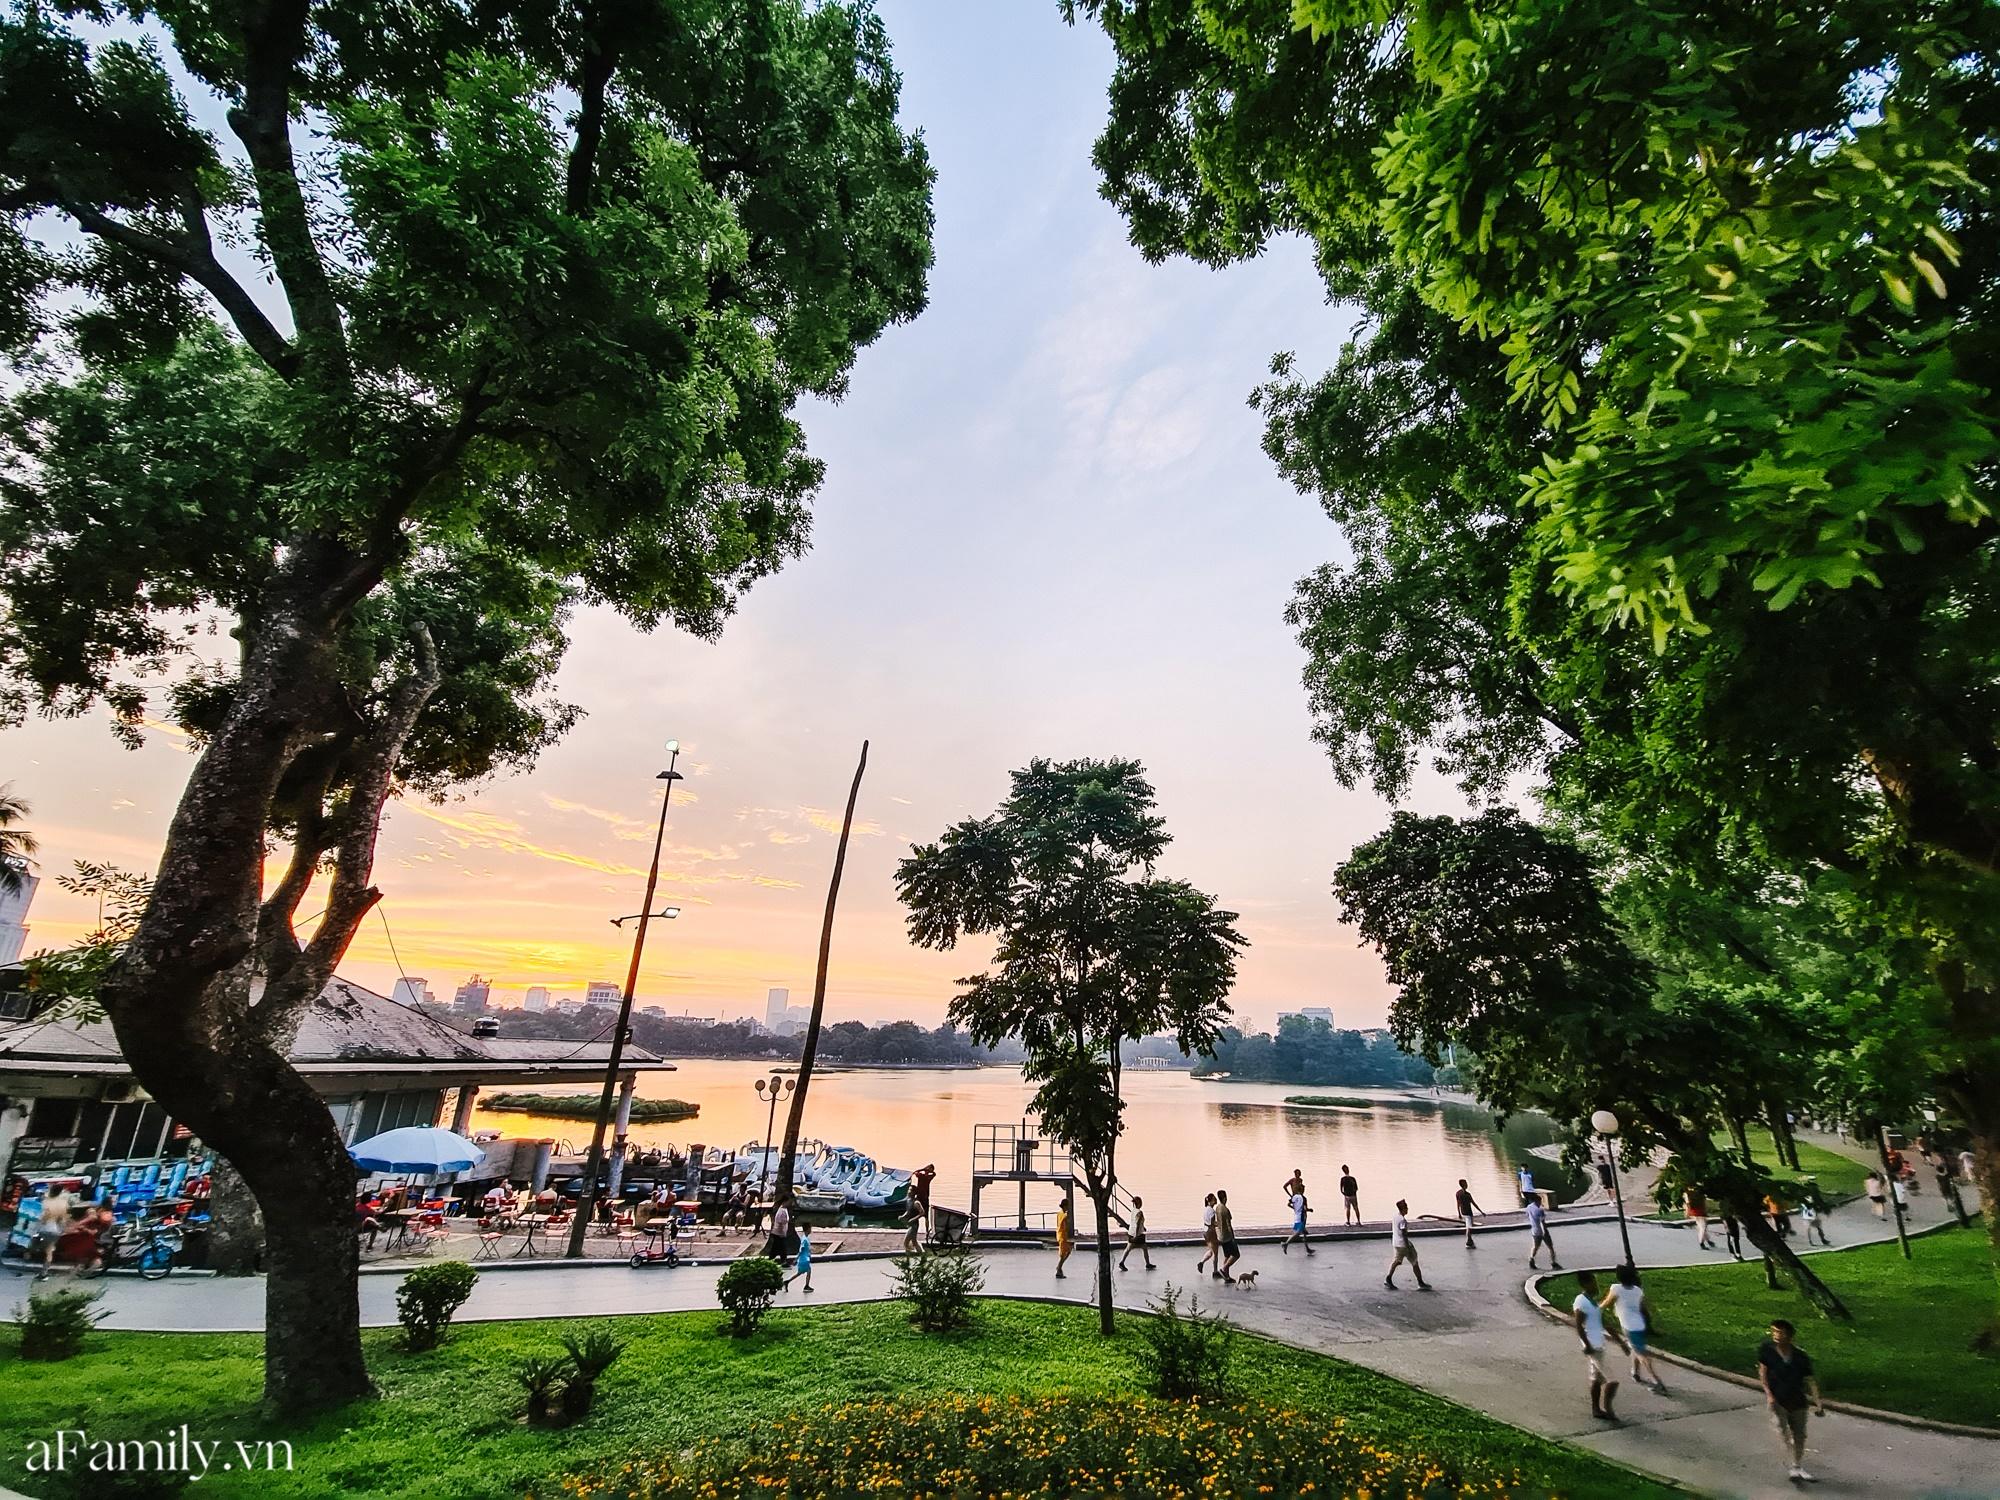 4000 đồng cho tour du lịch hè độc đáo ngay giữa thủ đô ở một công viên lâu đời vừa có đảo, vừa có rừng cây xanh, hồ cá trong lành - Ảnh 21.